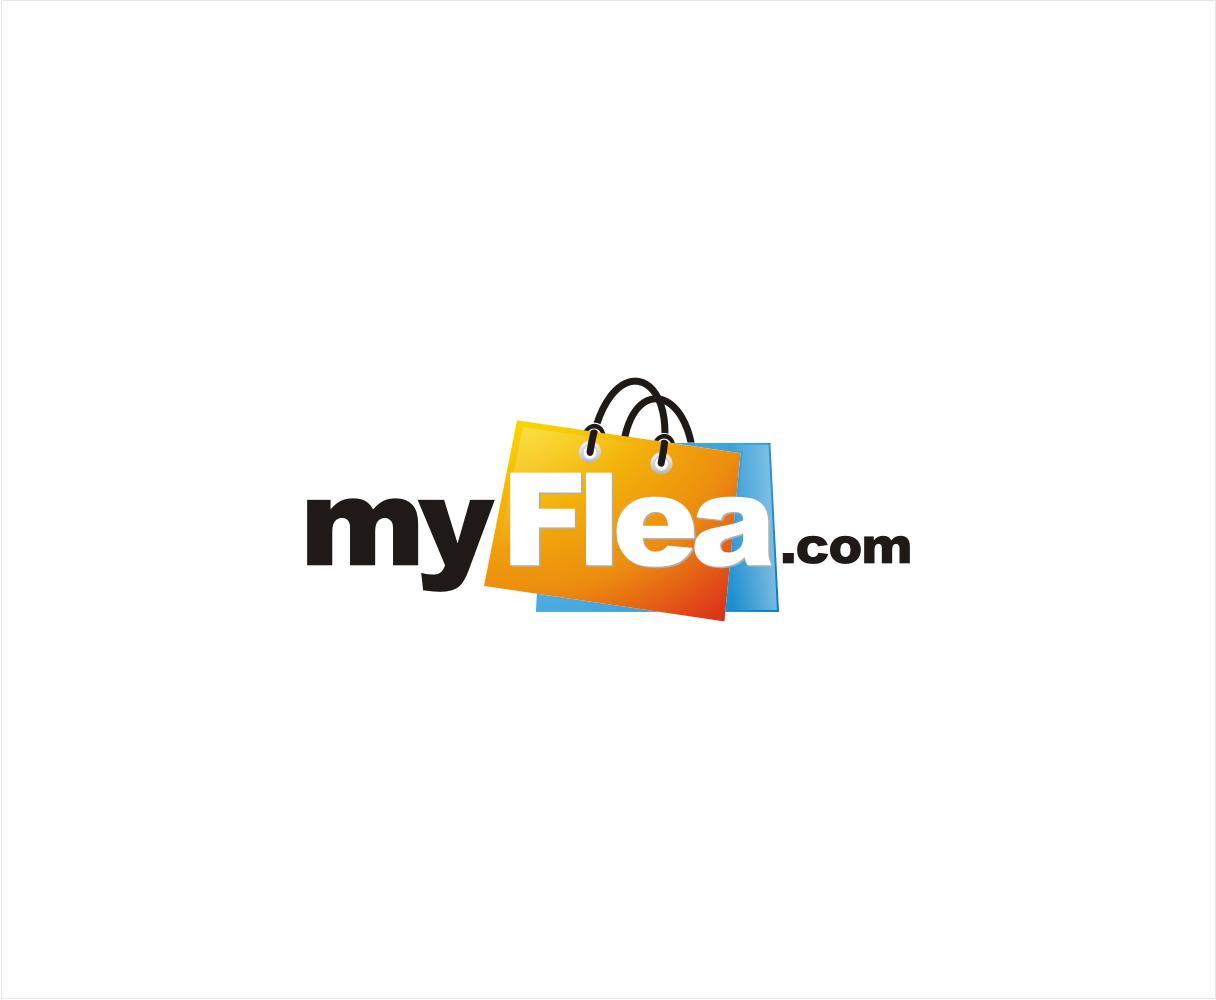 Help myFlea.com with a new logo